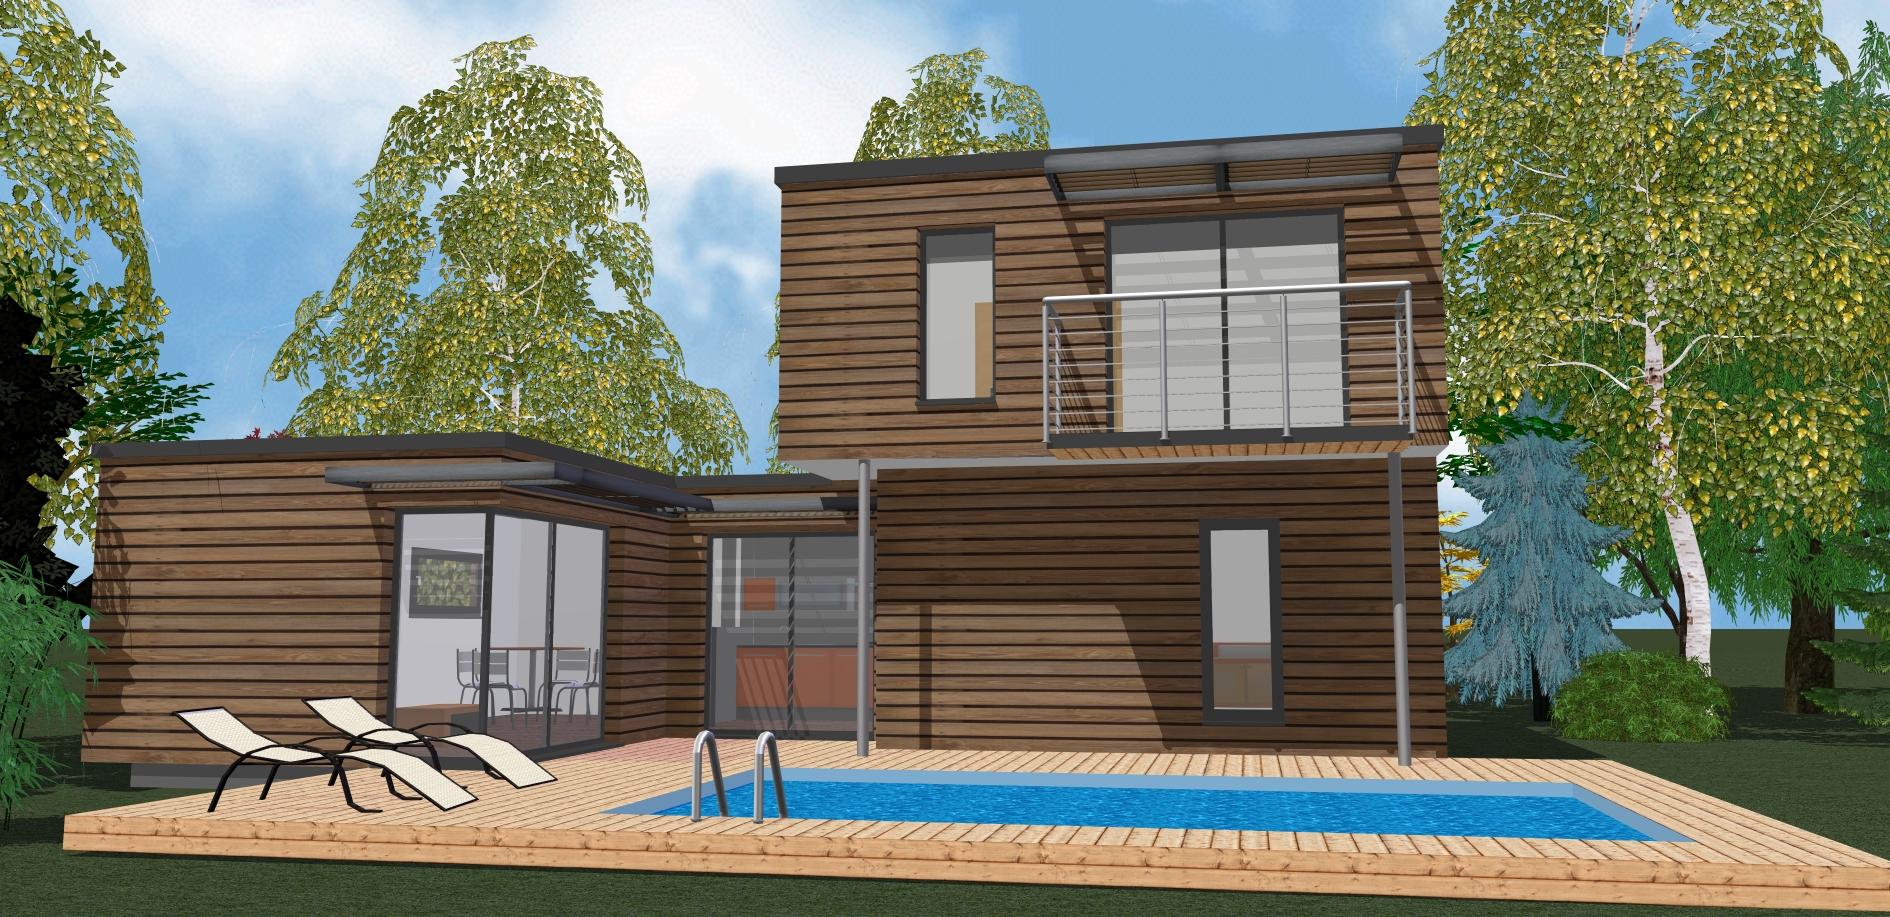 Ossature bois autoconstruction construire sa maison for Autoconstruction maison ossature bois